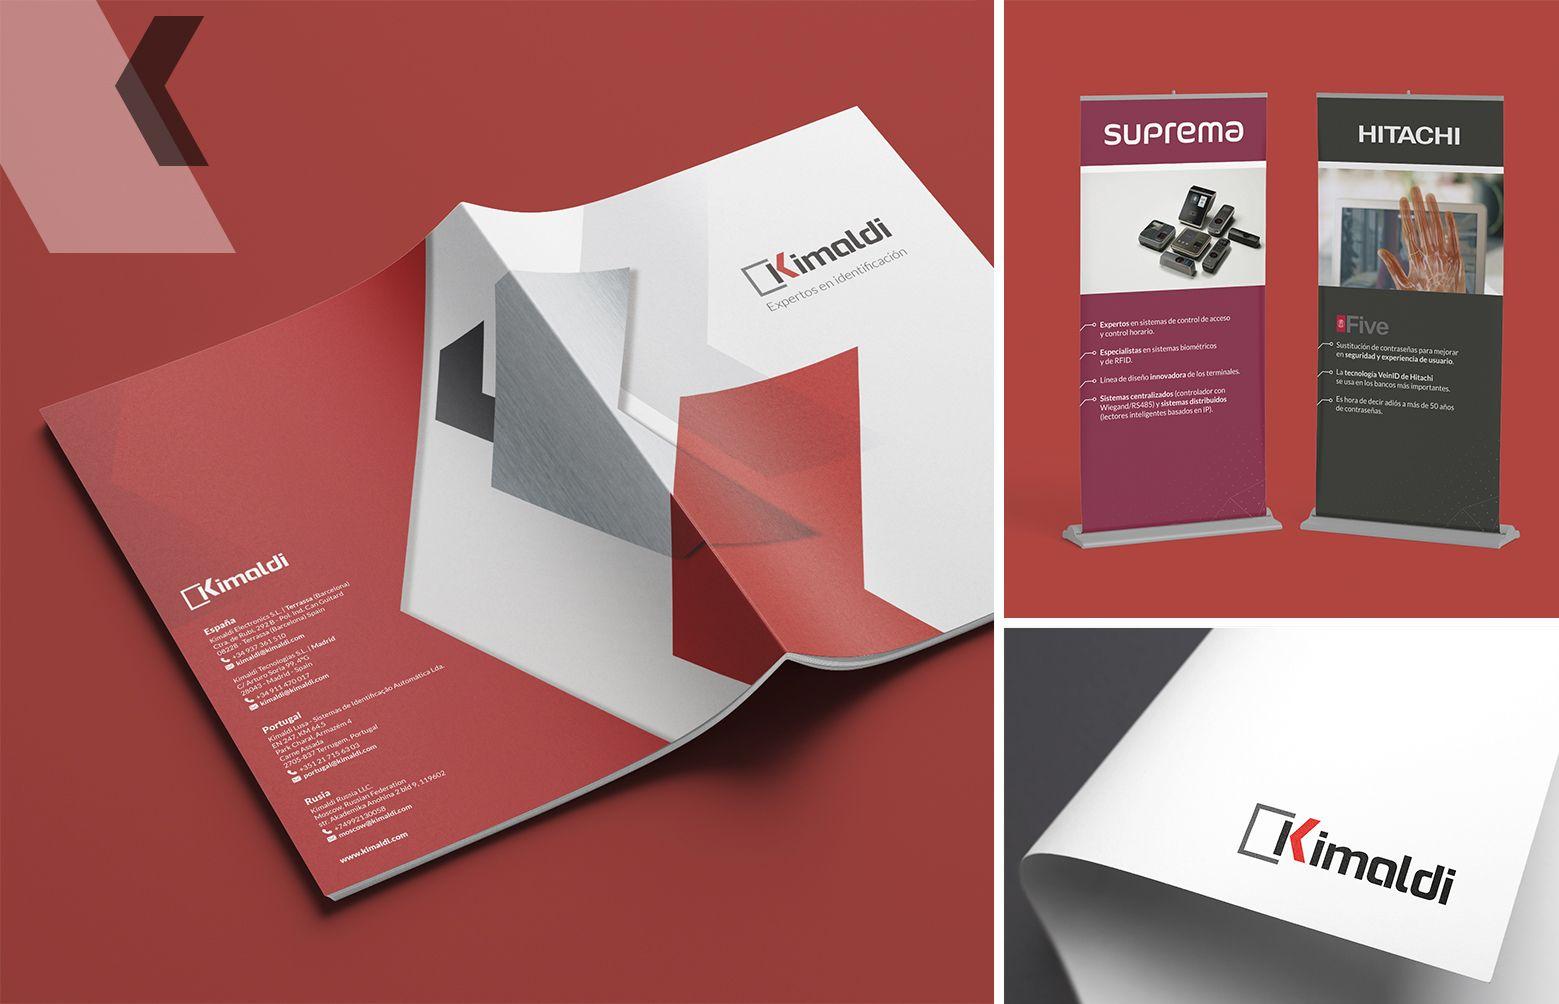 comunicacion corporativa kimaldi - Restyling de marca y material corporativo